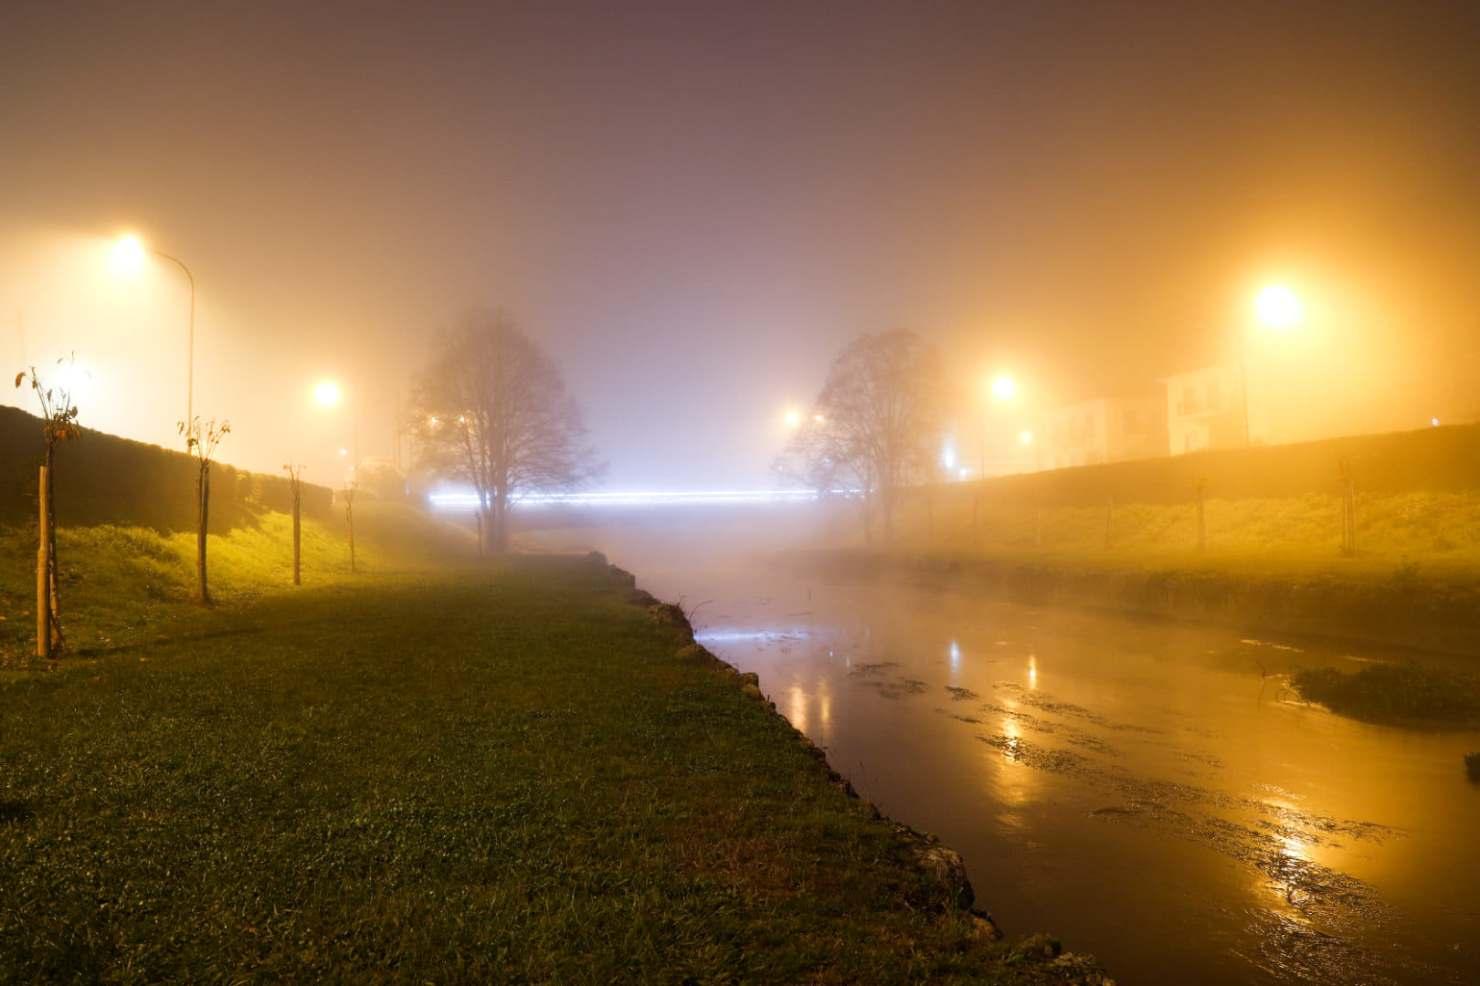 Τα Τρίκαλα… πιο όμορφα από ποτέ, μέσα στην ομίχλη (φώτο)